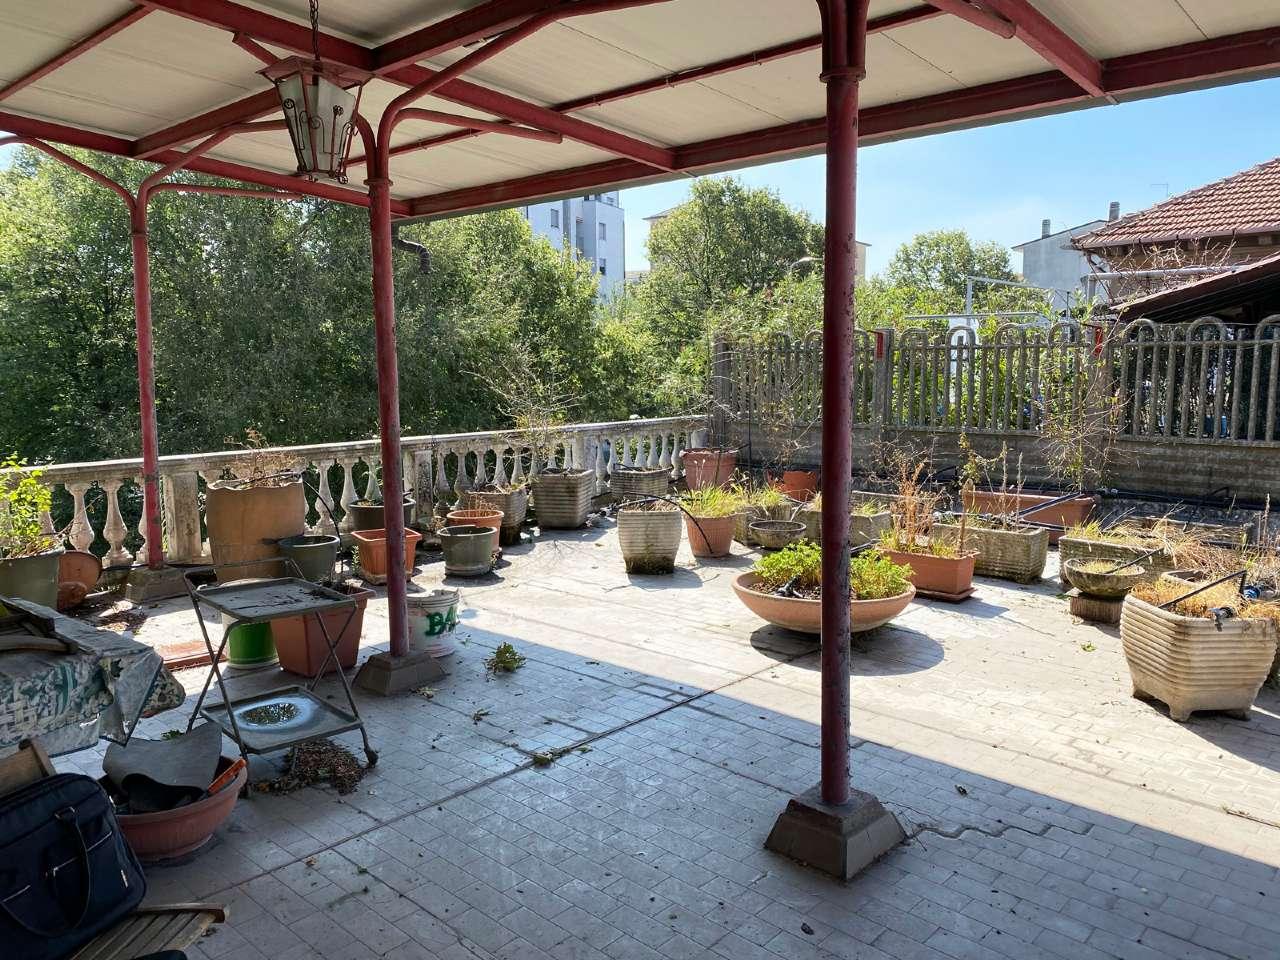 Appartamento in vendita a Cusano Milanino, 5 locali, prezzo € 280.000 | CambioCasa.it